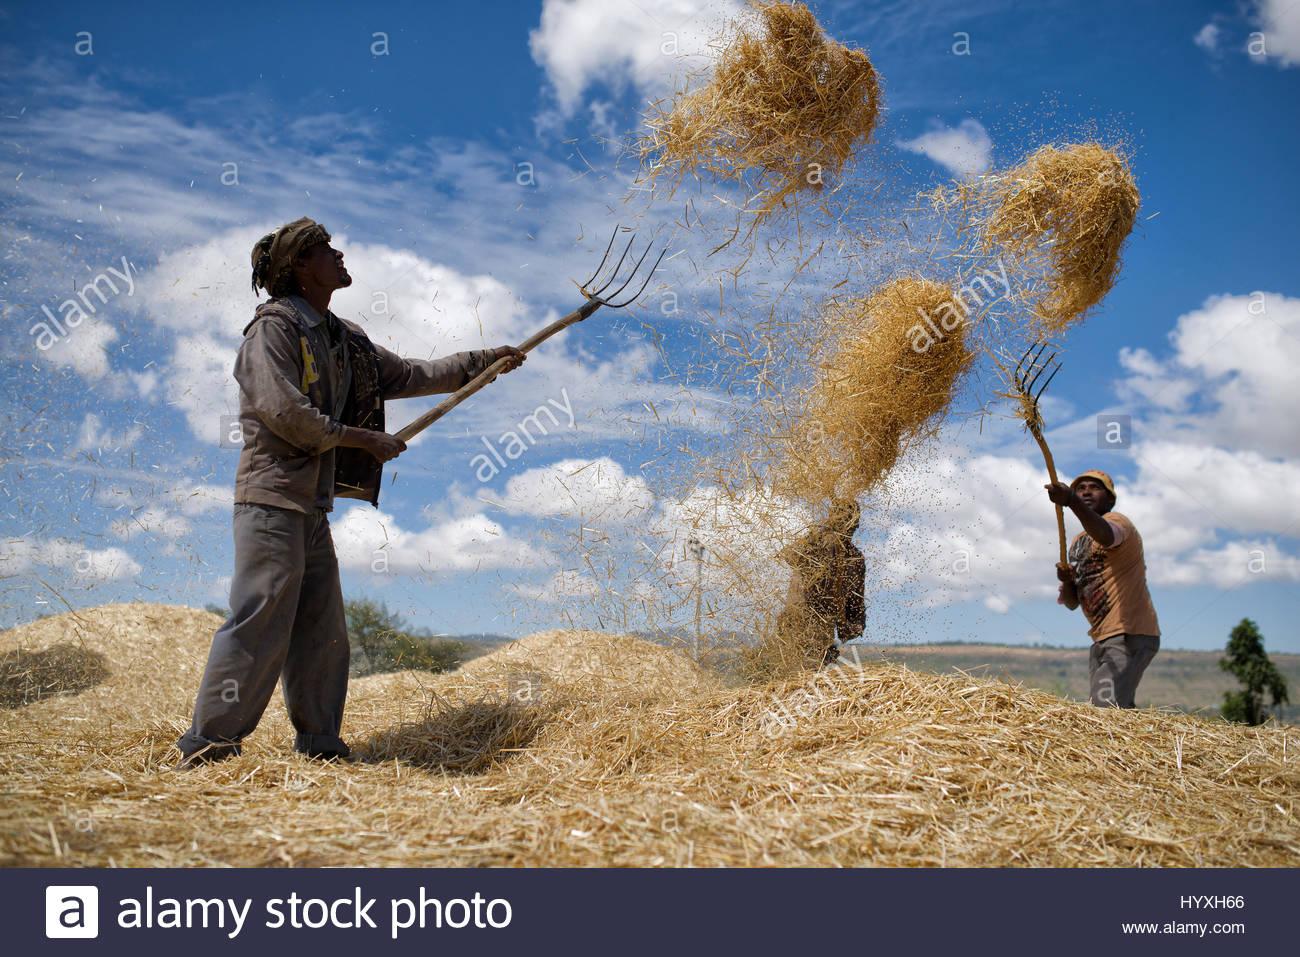 farmers-thresh-and-winnow-wheat-in-ethio